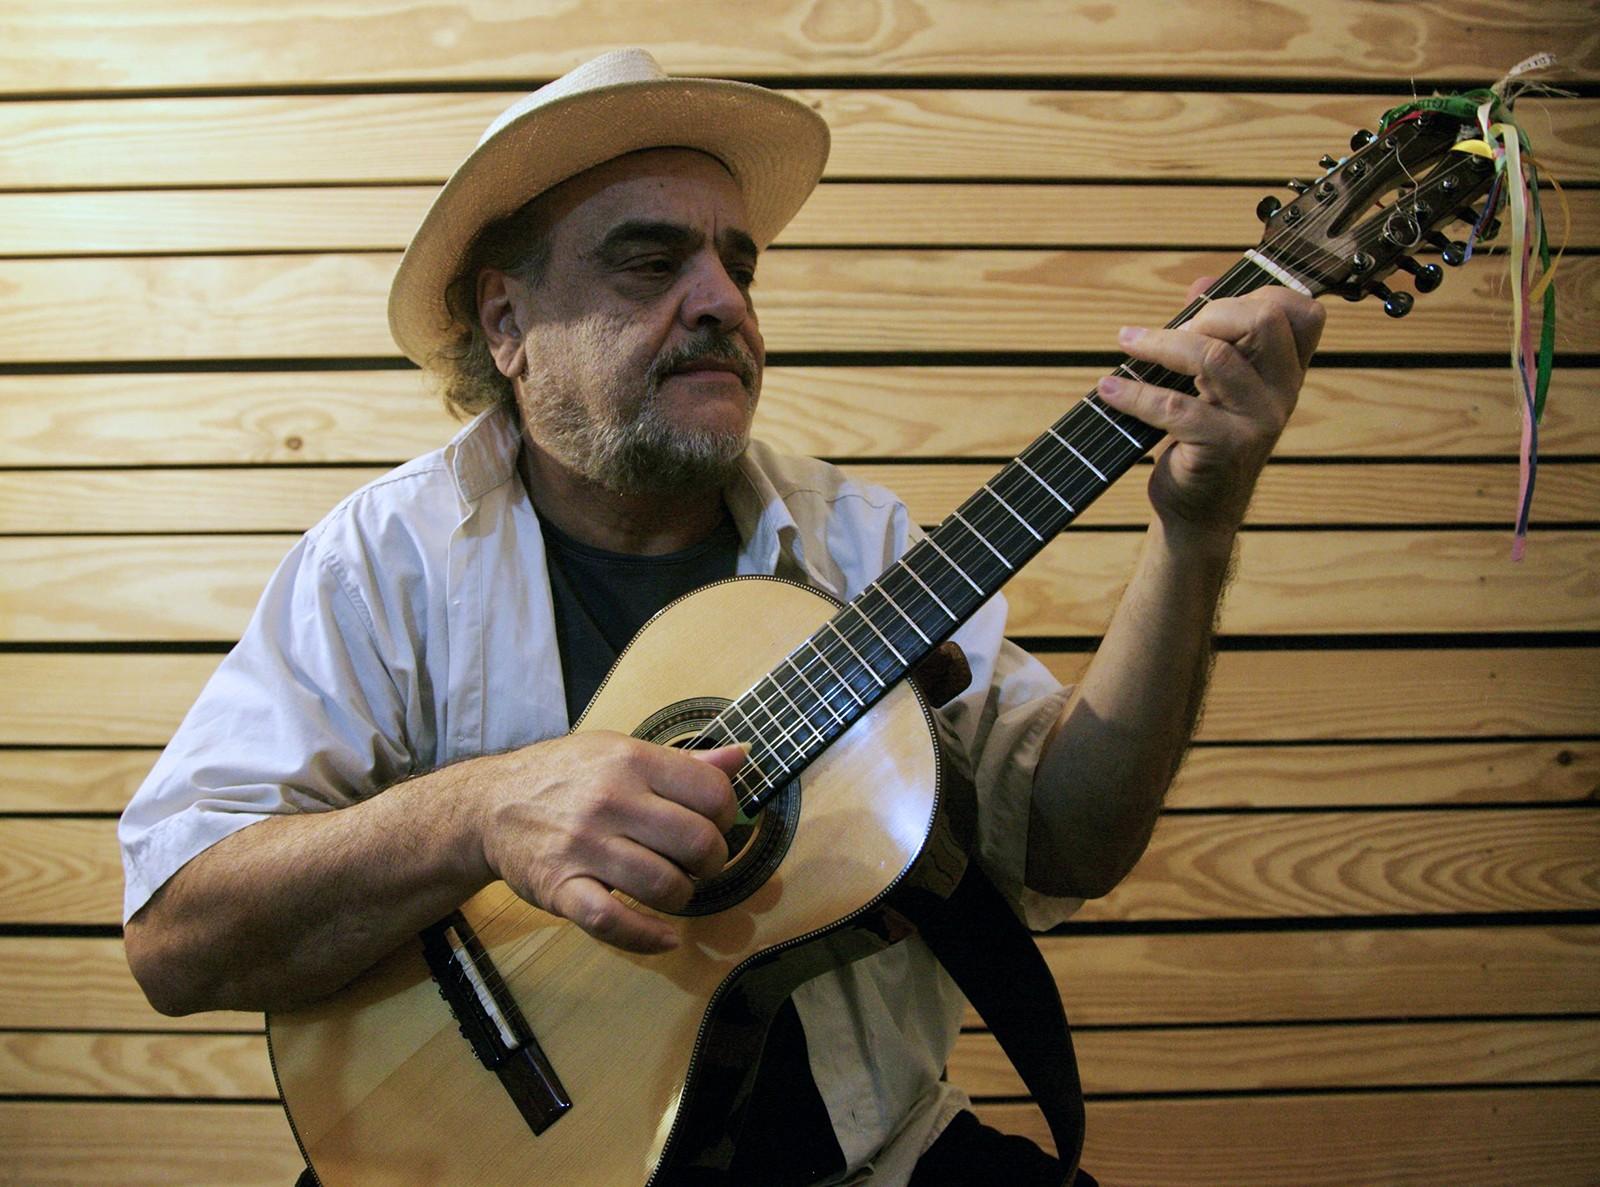 Vinte violeiros expõem a diversidade do toque do instrumento no álbum 'Viola paulista II'